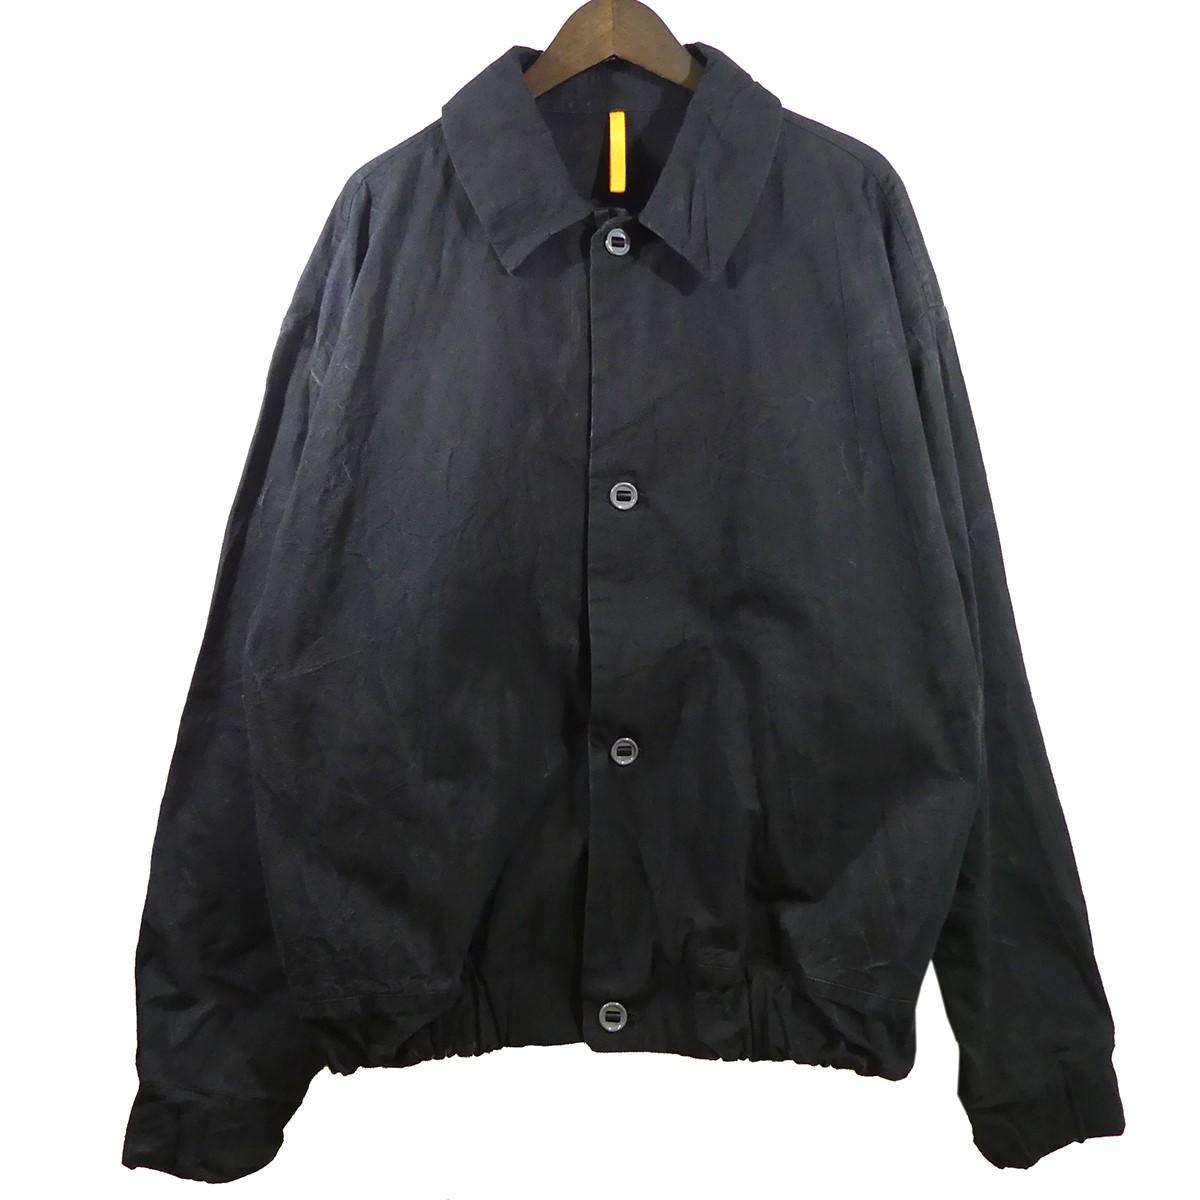 【中古】MAN-TLE18AW BLOUSON SHIRT ブルゾンシャツ ブラック サイズ:M